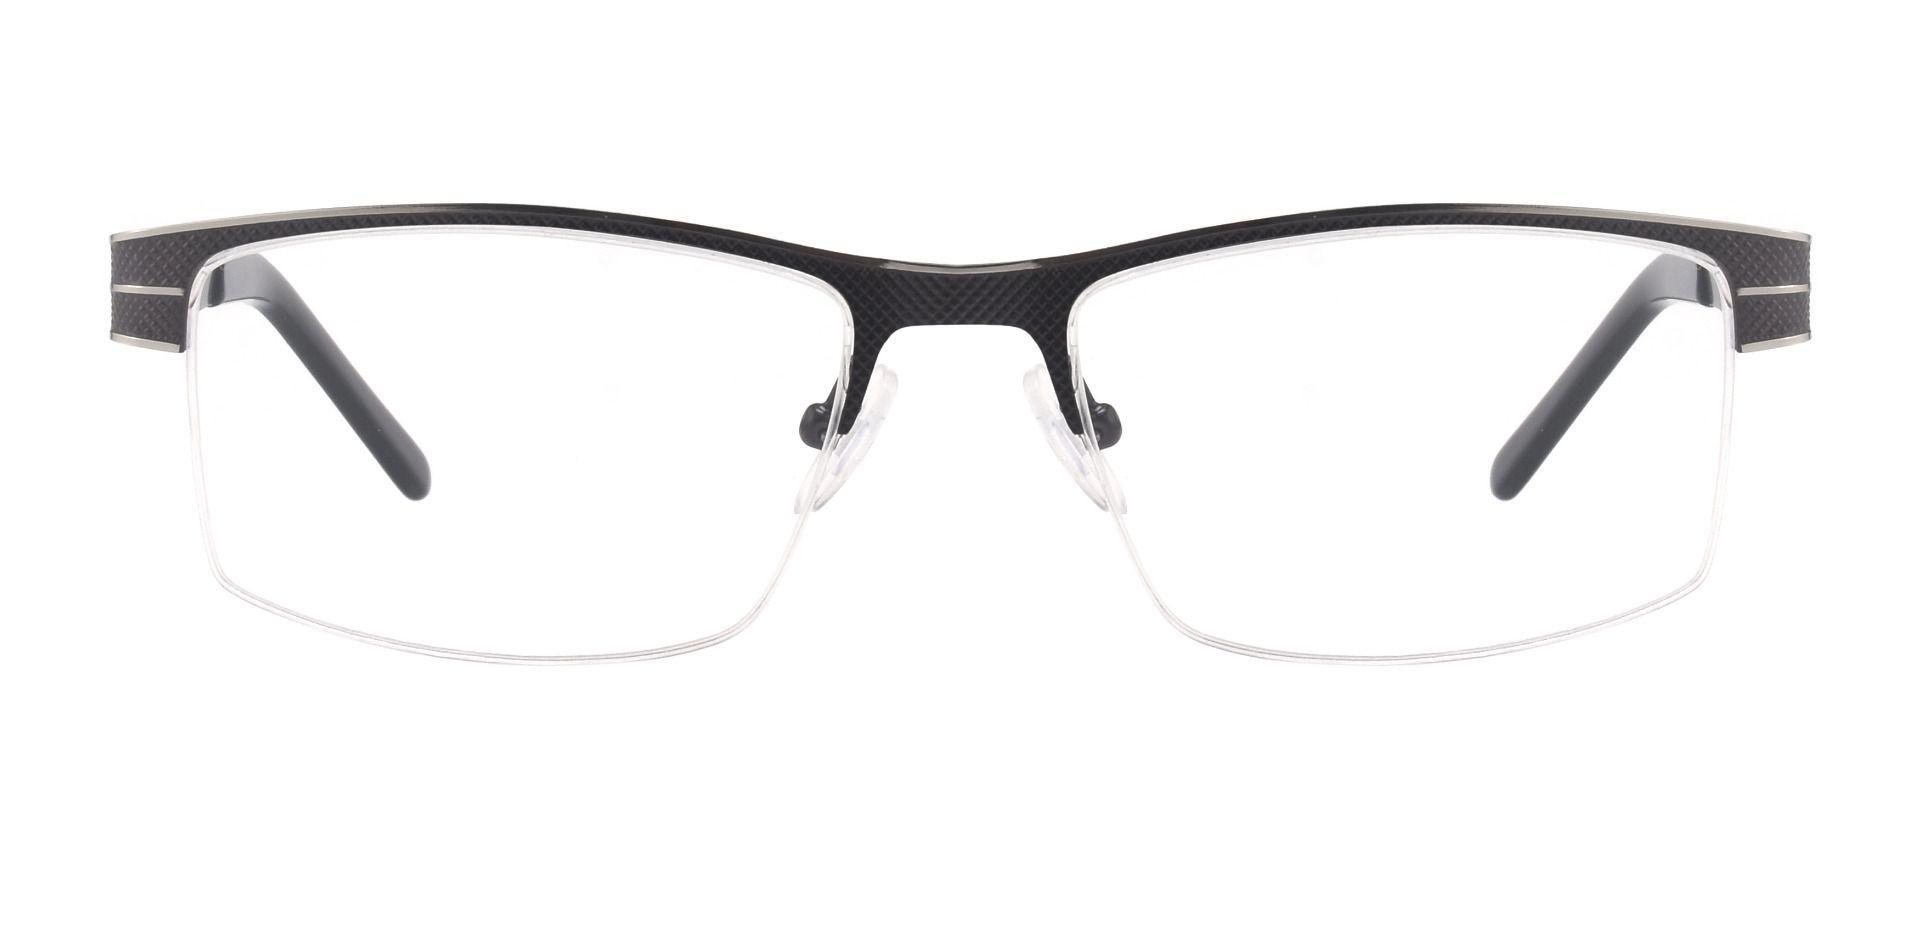 March Rectangle Prescription Glasses - Gray